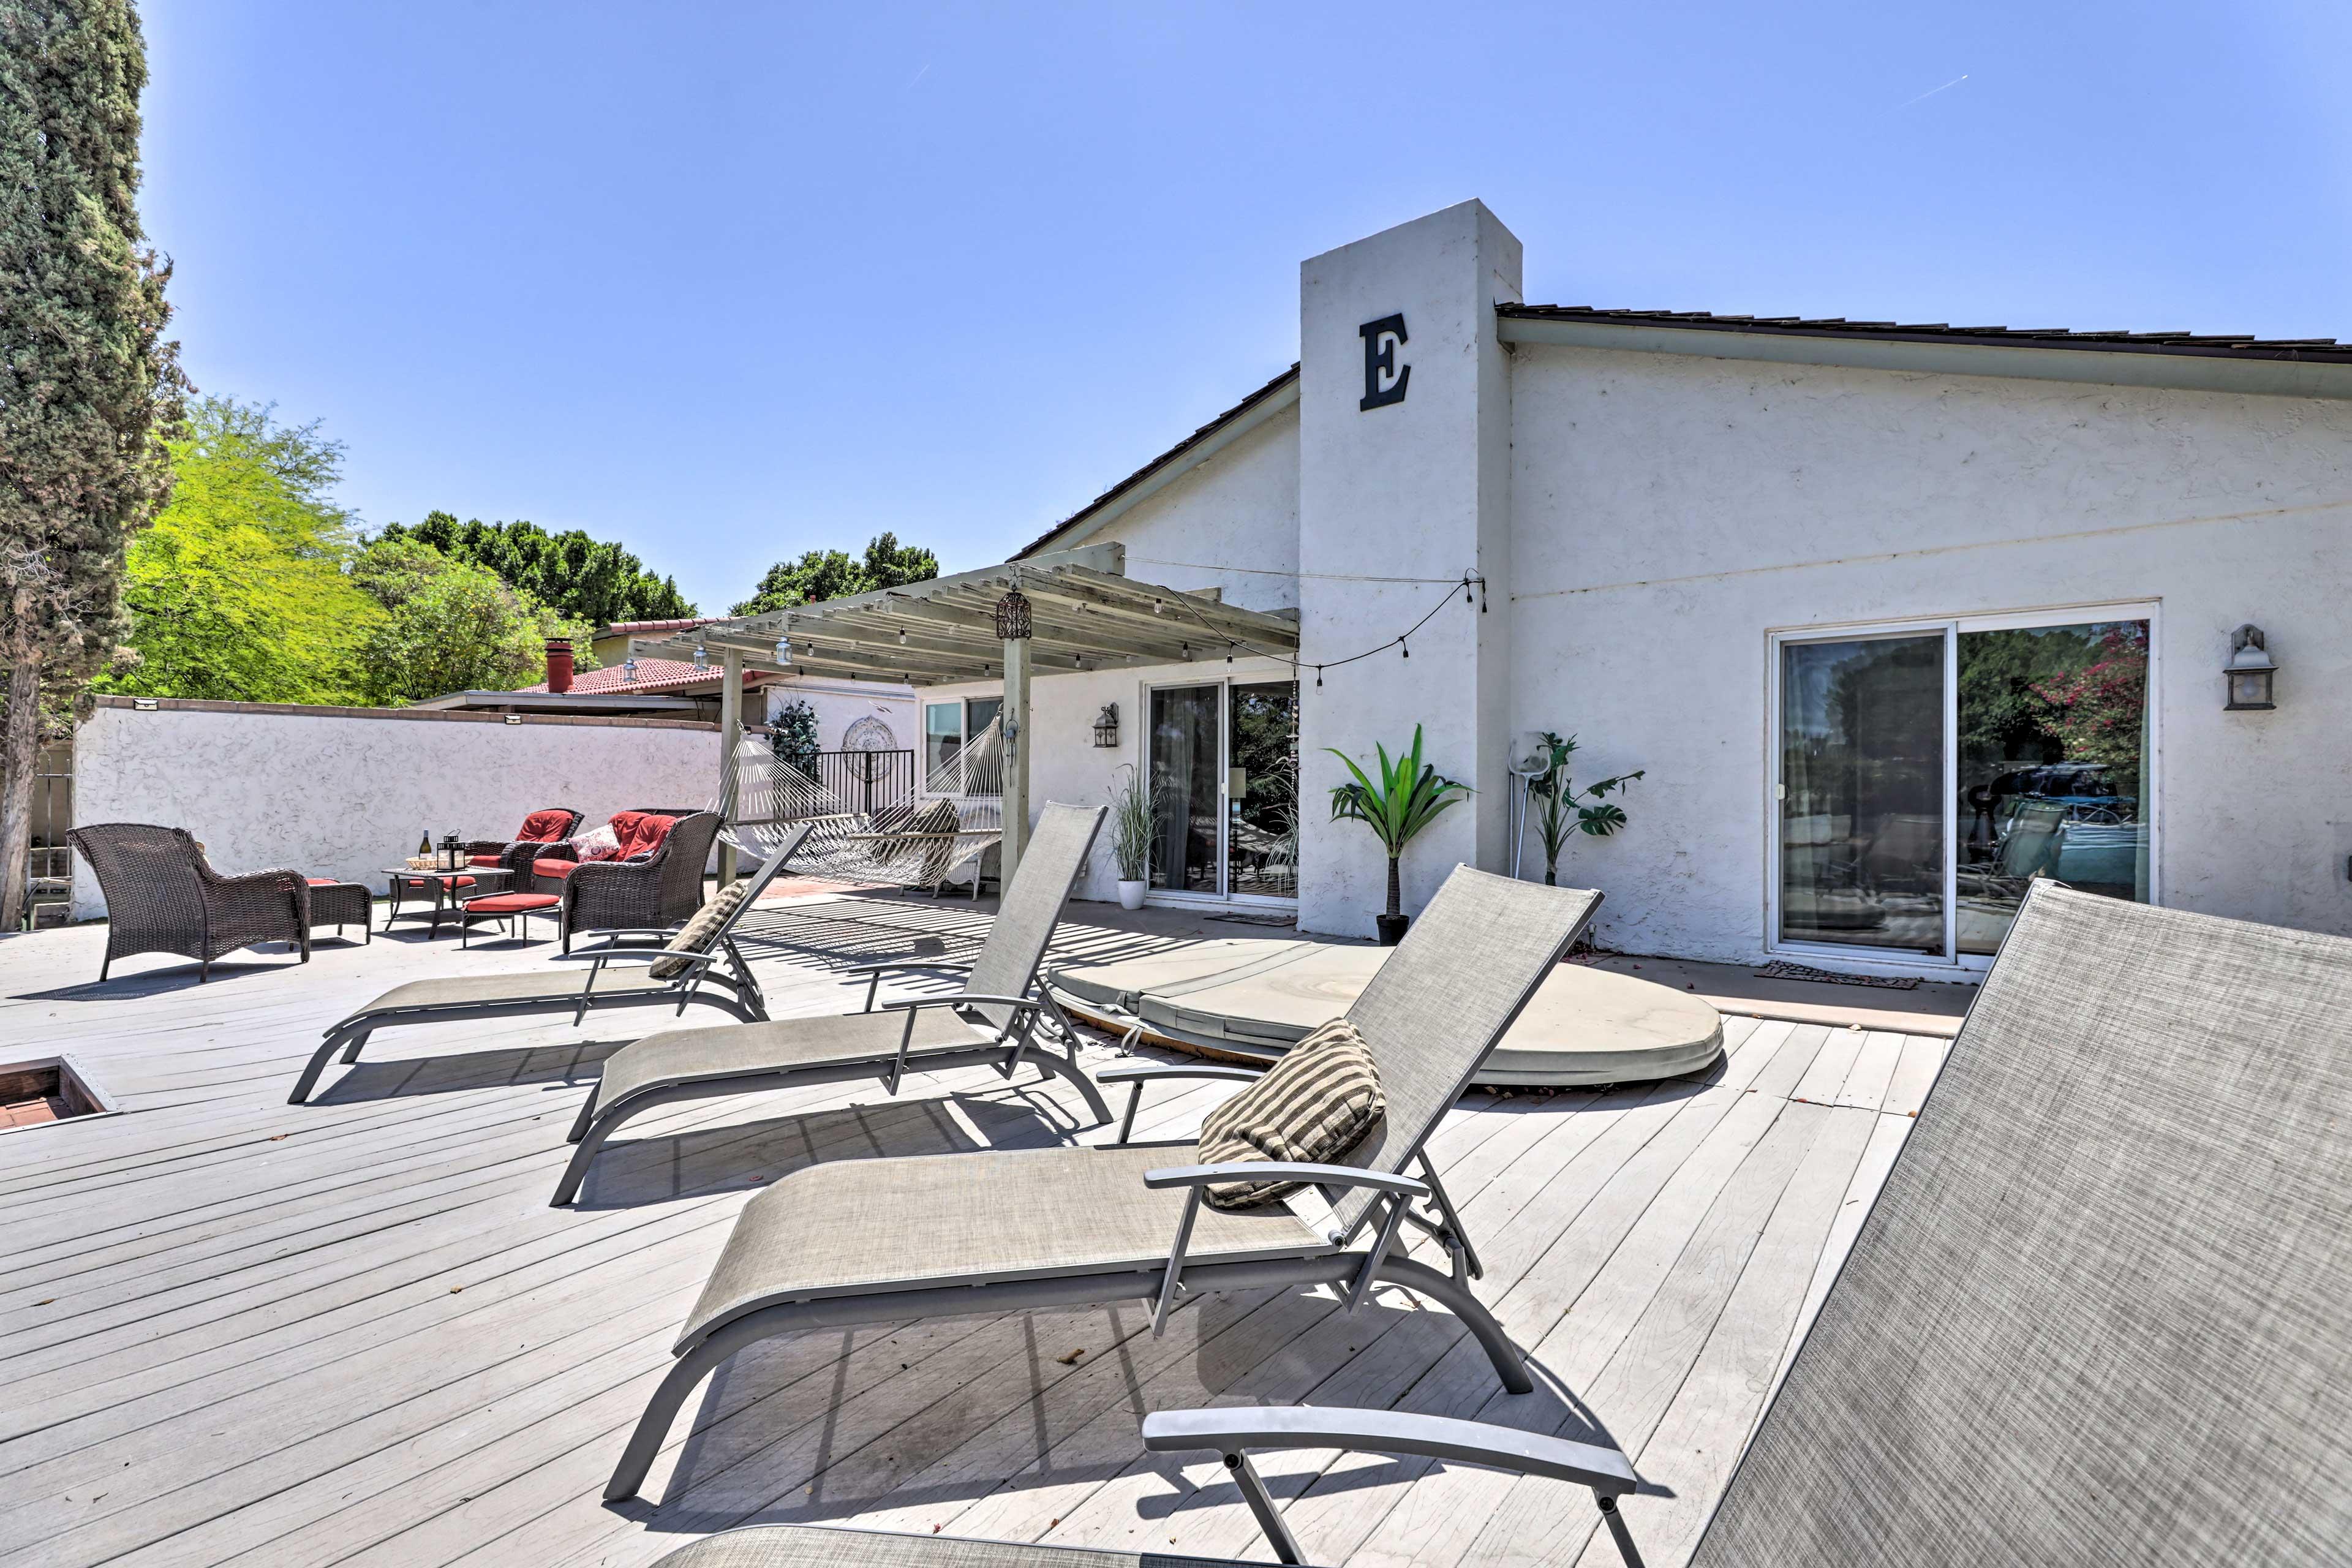 Backyard   Sun Chairs